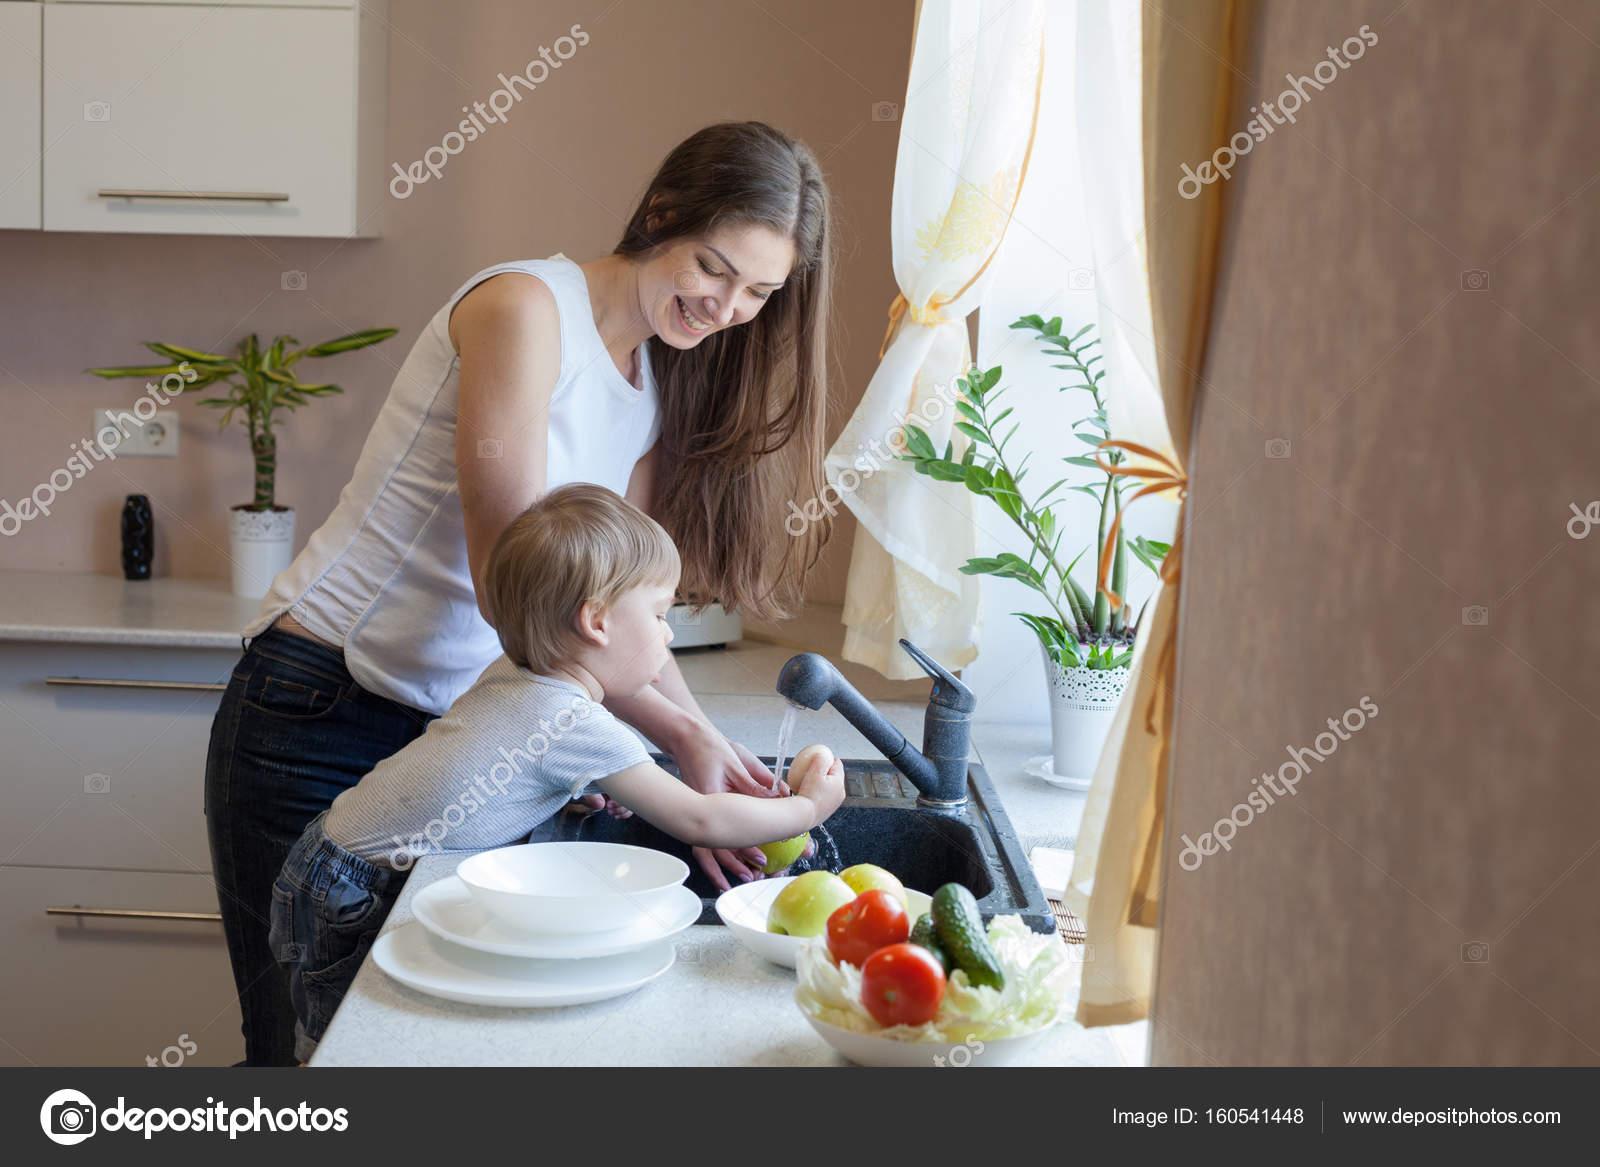 С мамкой на кухне, Мама и сын на кухне - смотреть порно онлайн или скачать 19 фотография